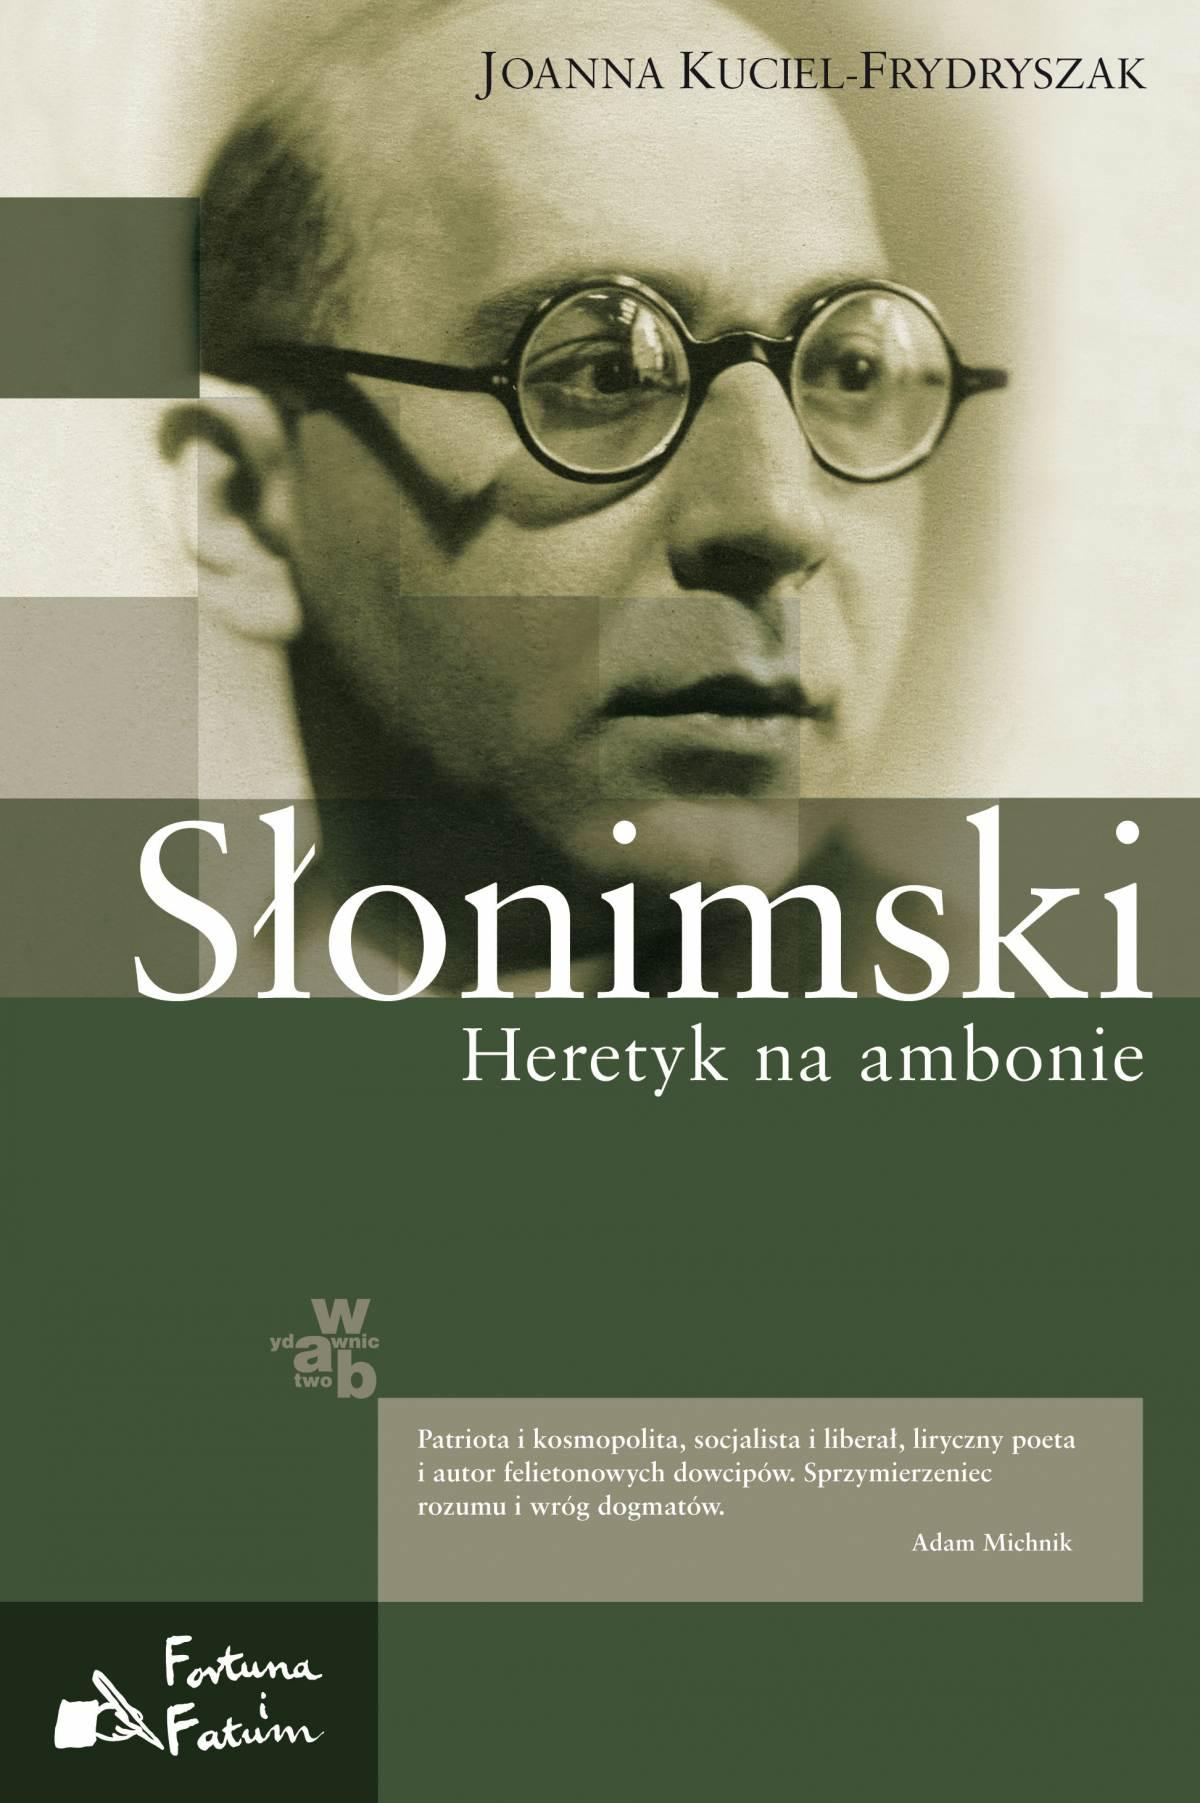 Słonimski. Heretyk na ambonie - Ebook (Książka EPUB) do pobrania w formacie EPUB